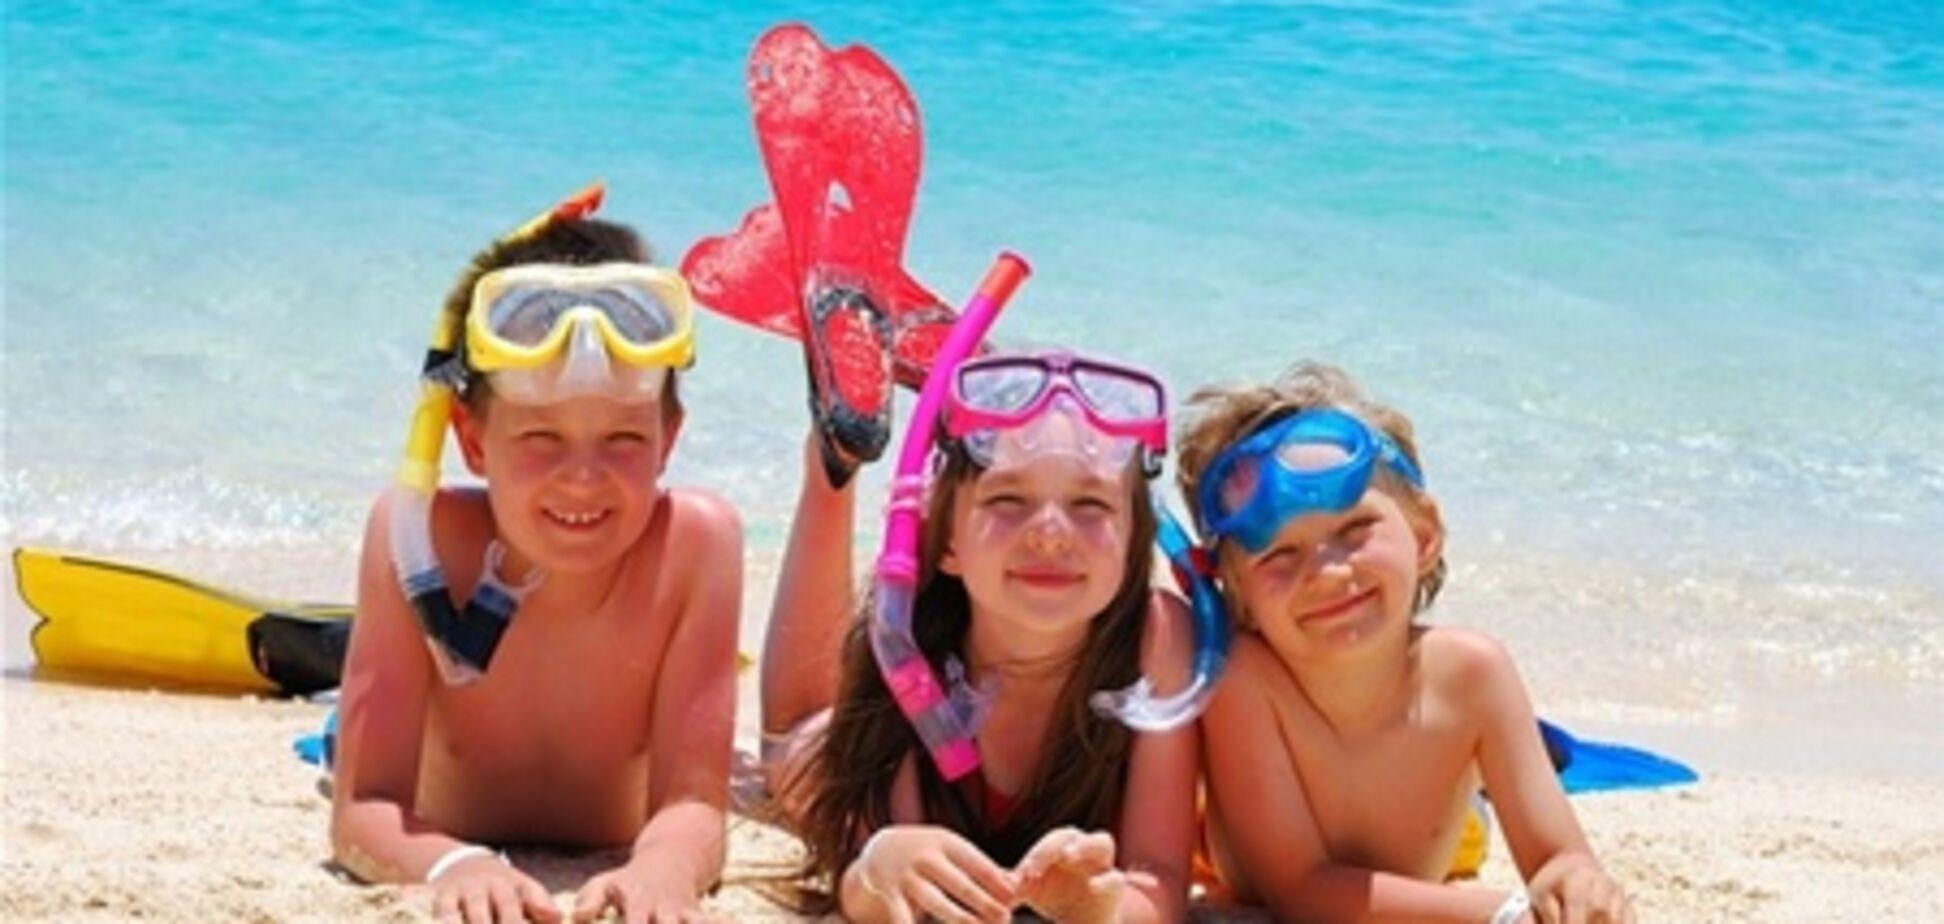 Лучшие места для детского отдыха в Украине с интересной программой